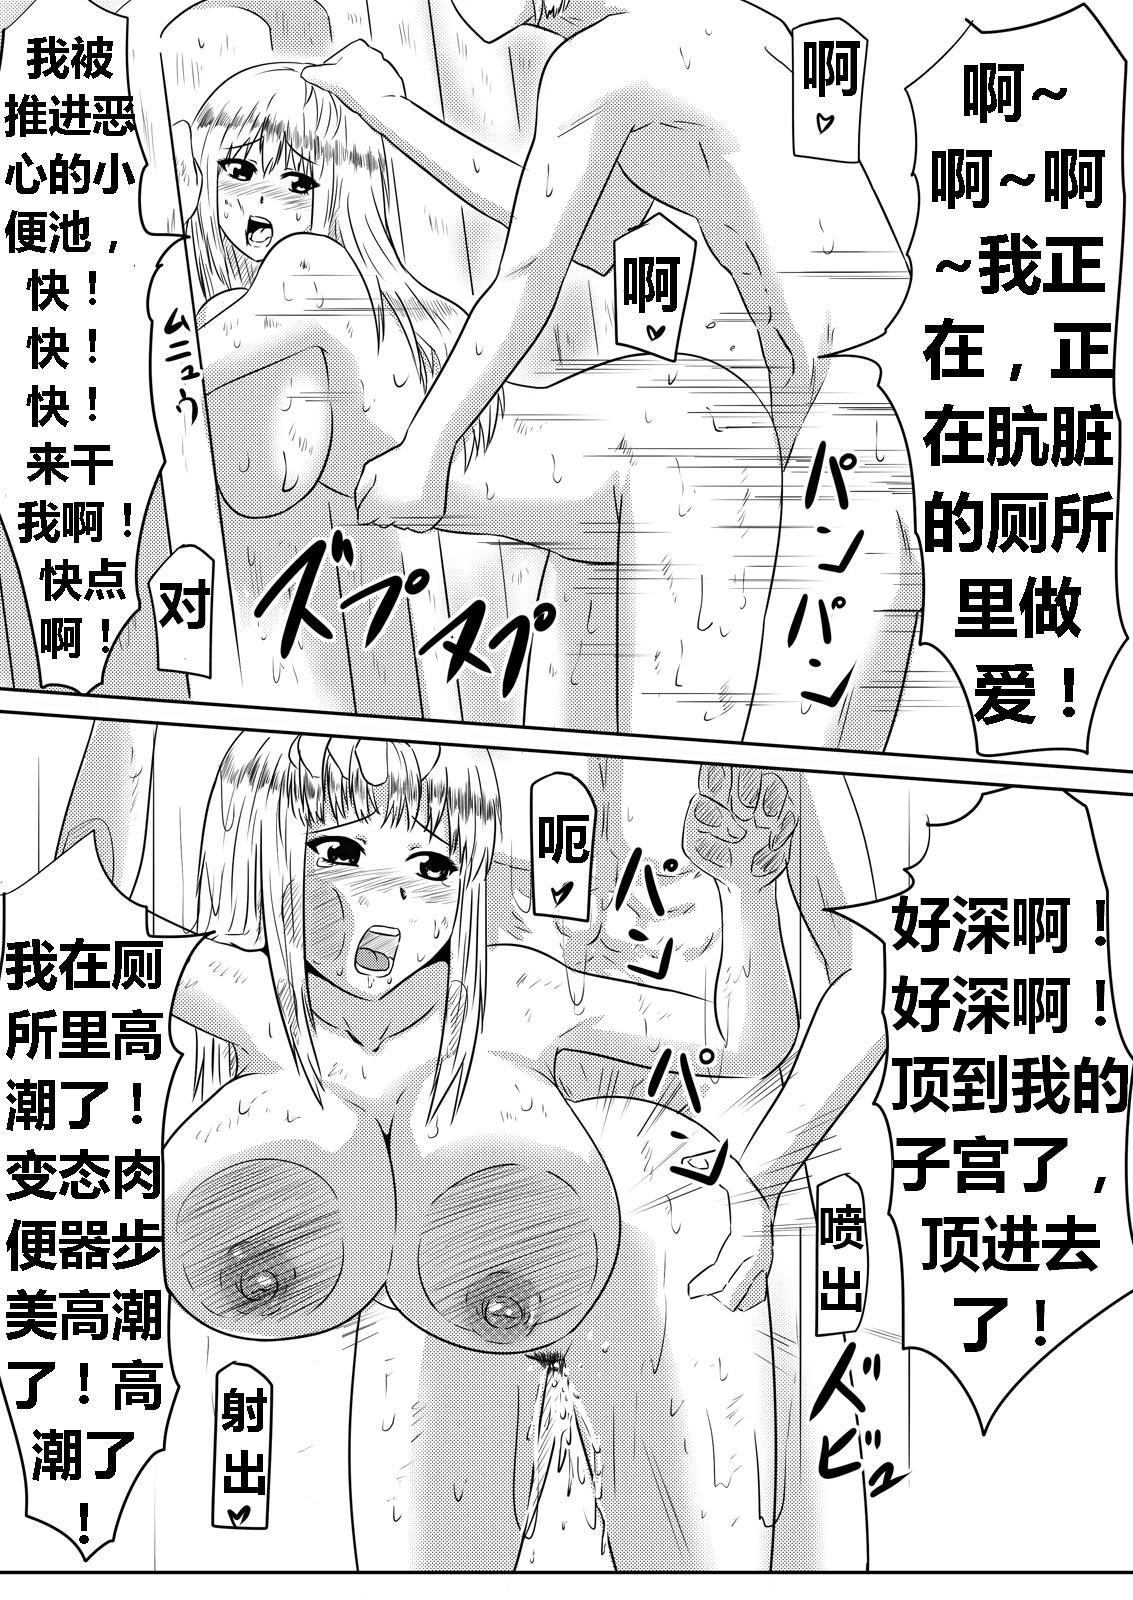 Ore no Kanojo ga Fuuzokujou ni Natta Riyuu | 女朋友下海拍片了 52